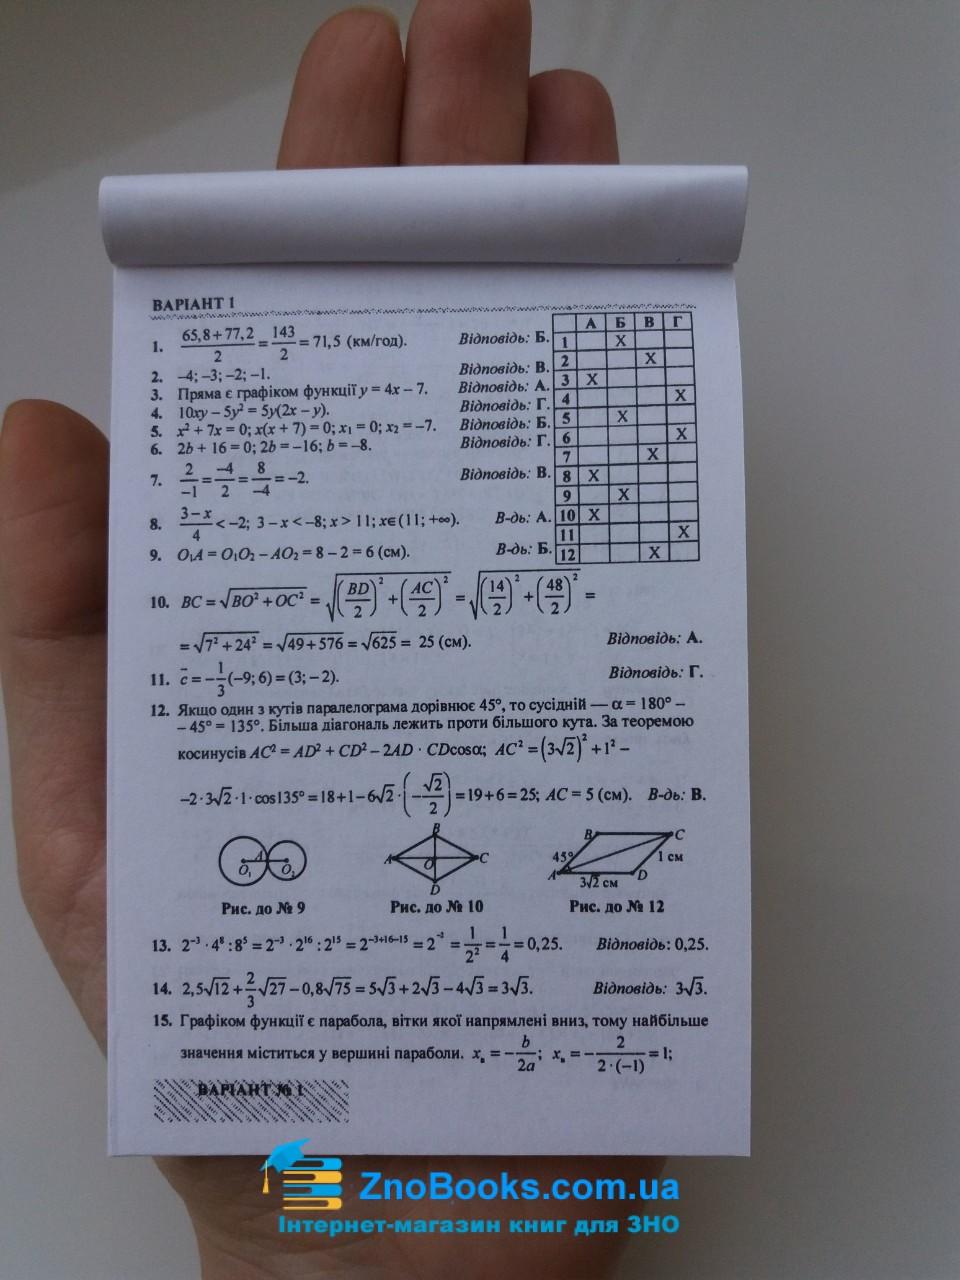 ШПАРГАЛКА. Відповіді ДПА 2020 з математики 9 клас (до збірника О. Істера) : купити 1